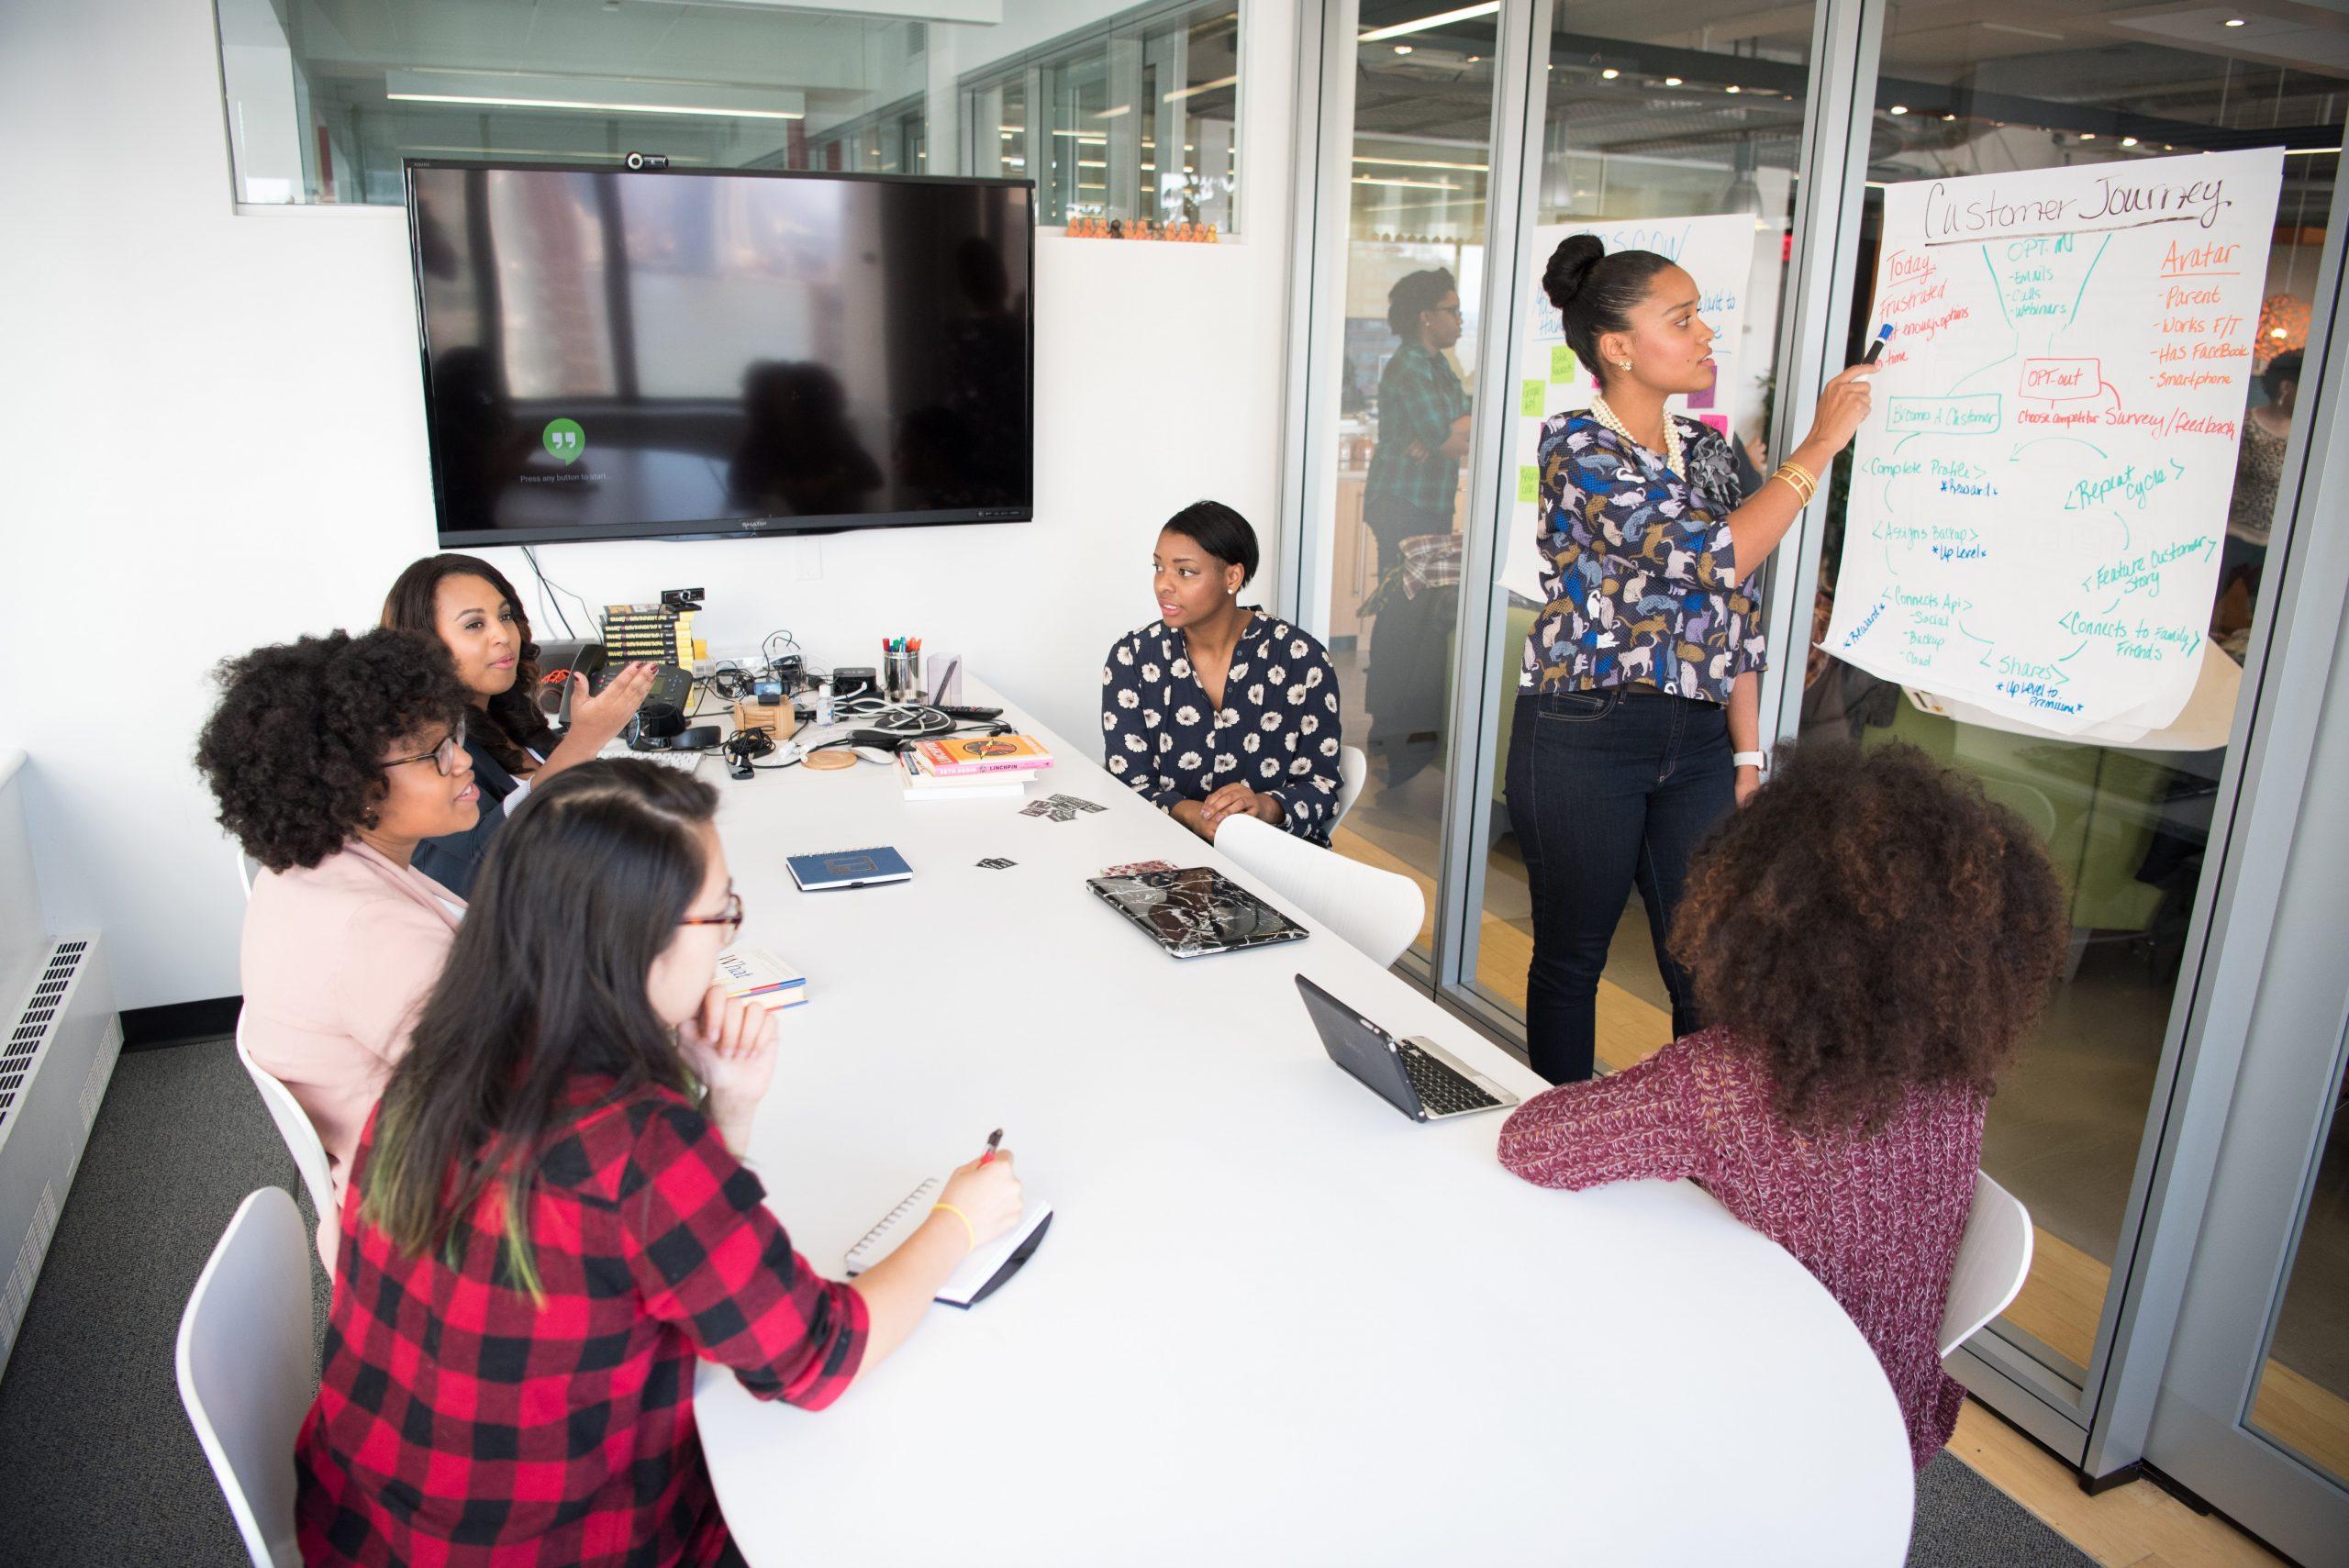 Women in board room